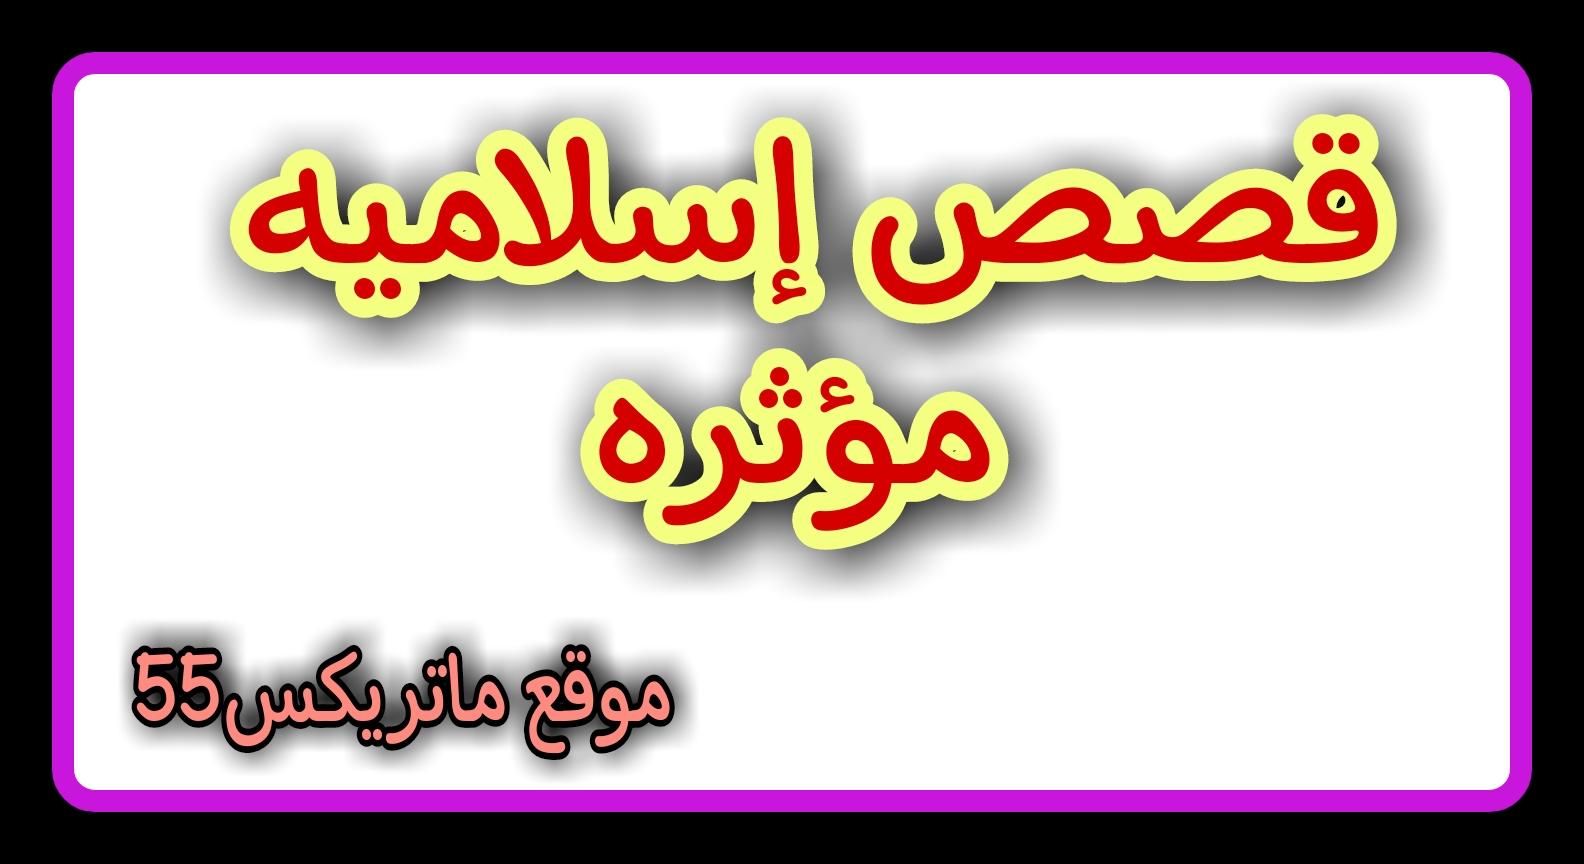 قصص اسلامية | قصص إسلاميه مؤثره | قصص إسلاميه للأطفال | قصص إسلاميه جميله